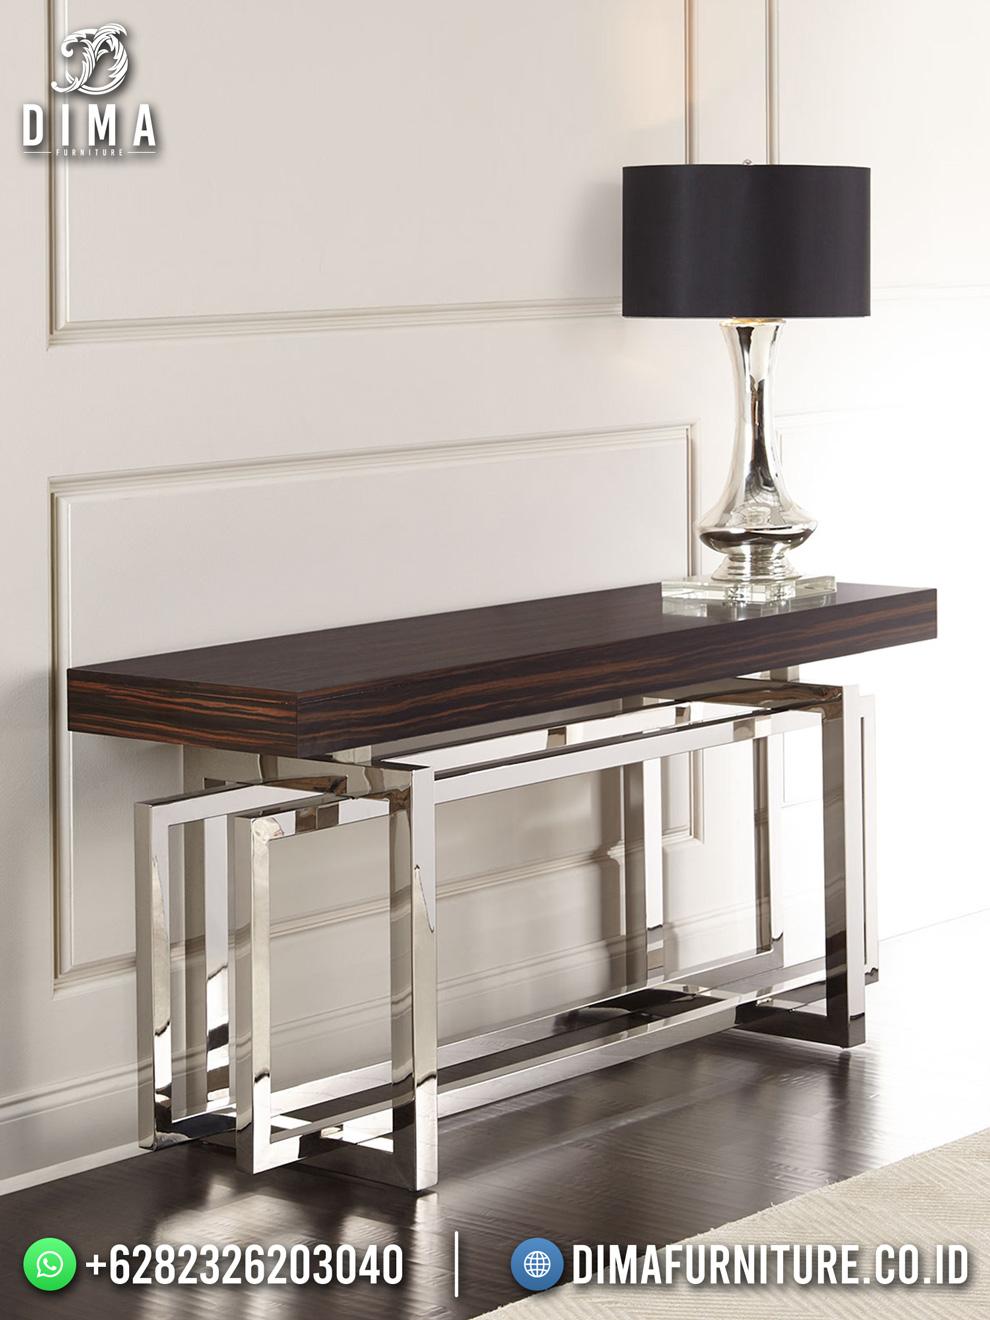 New Design Meja Konsul Minimalis Elegant Industrial Furniture TTJ-1807